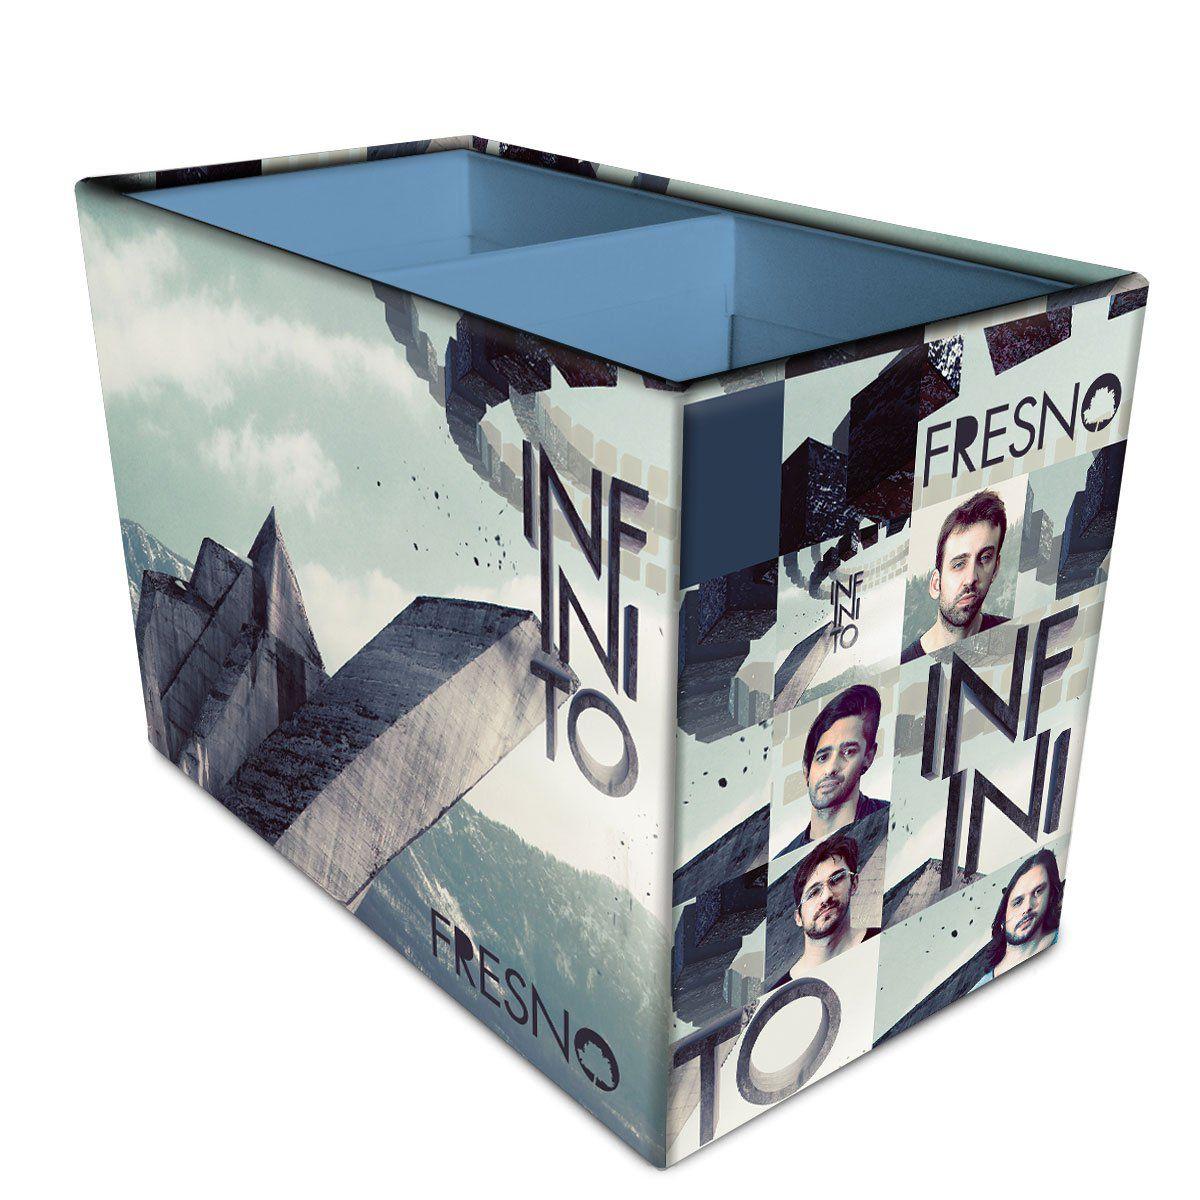 Porta-lápis Fresno - Infinito